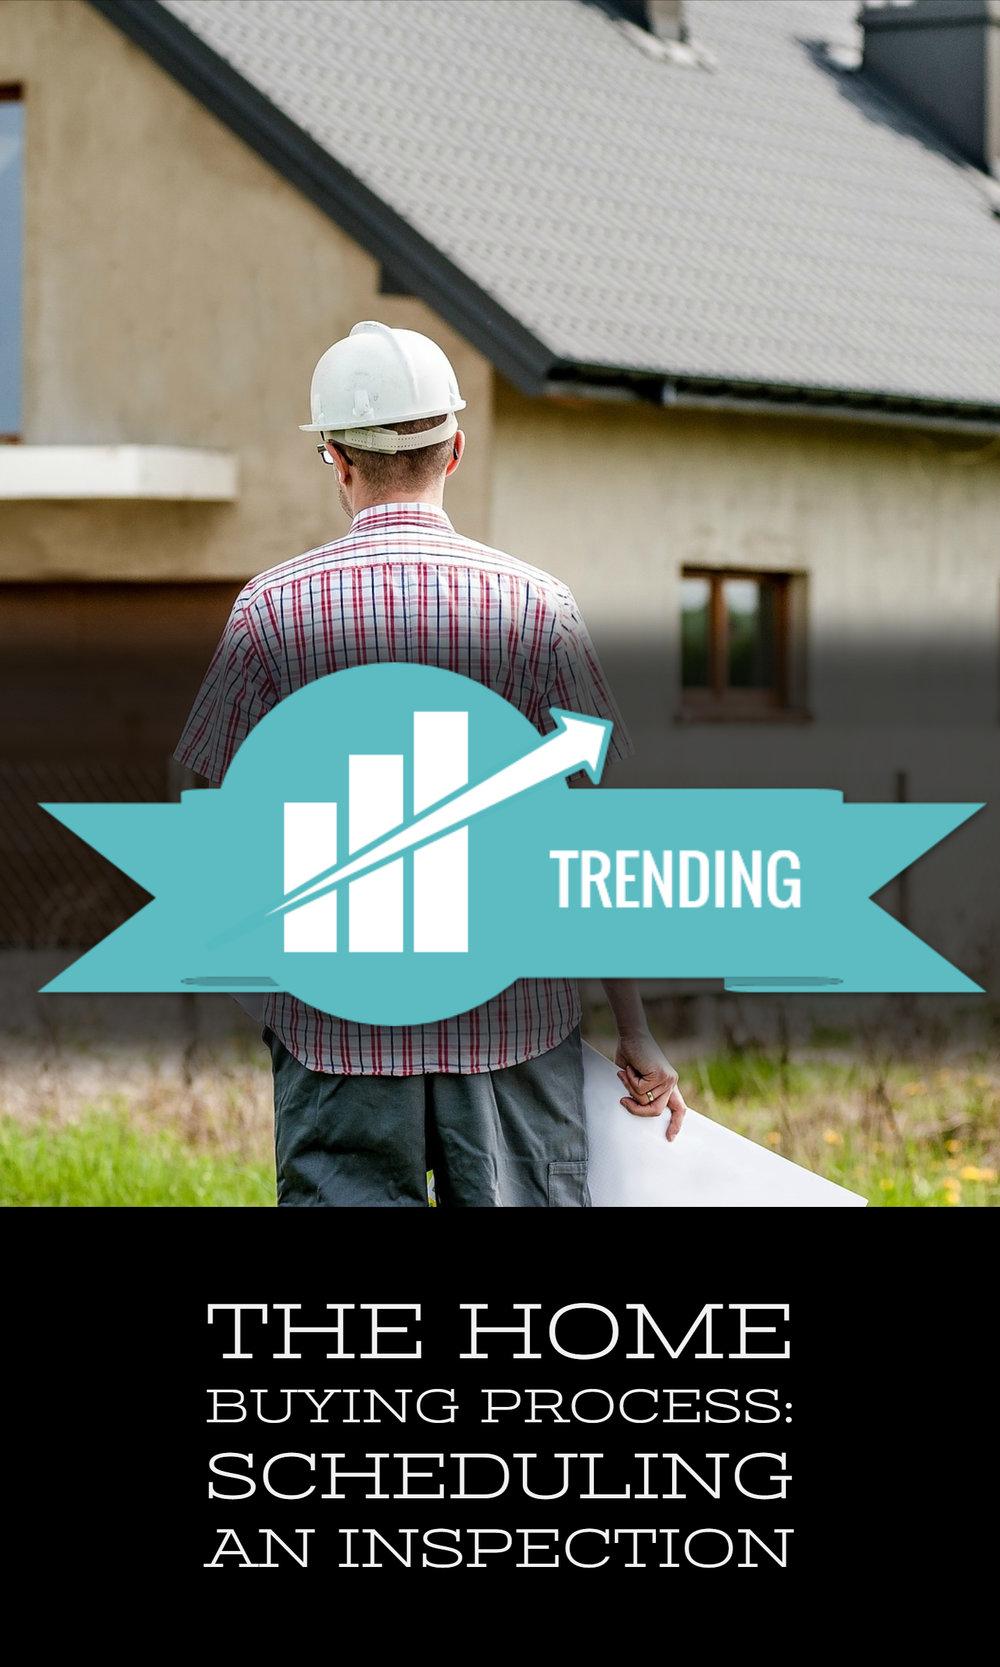 trending 3.jpg